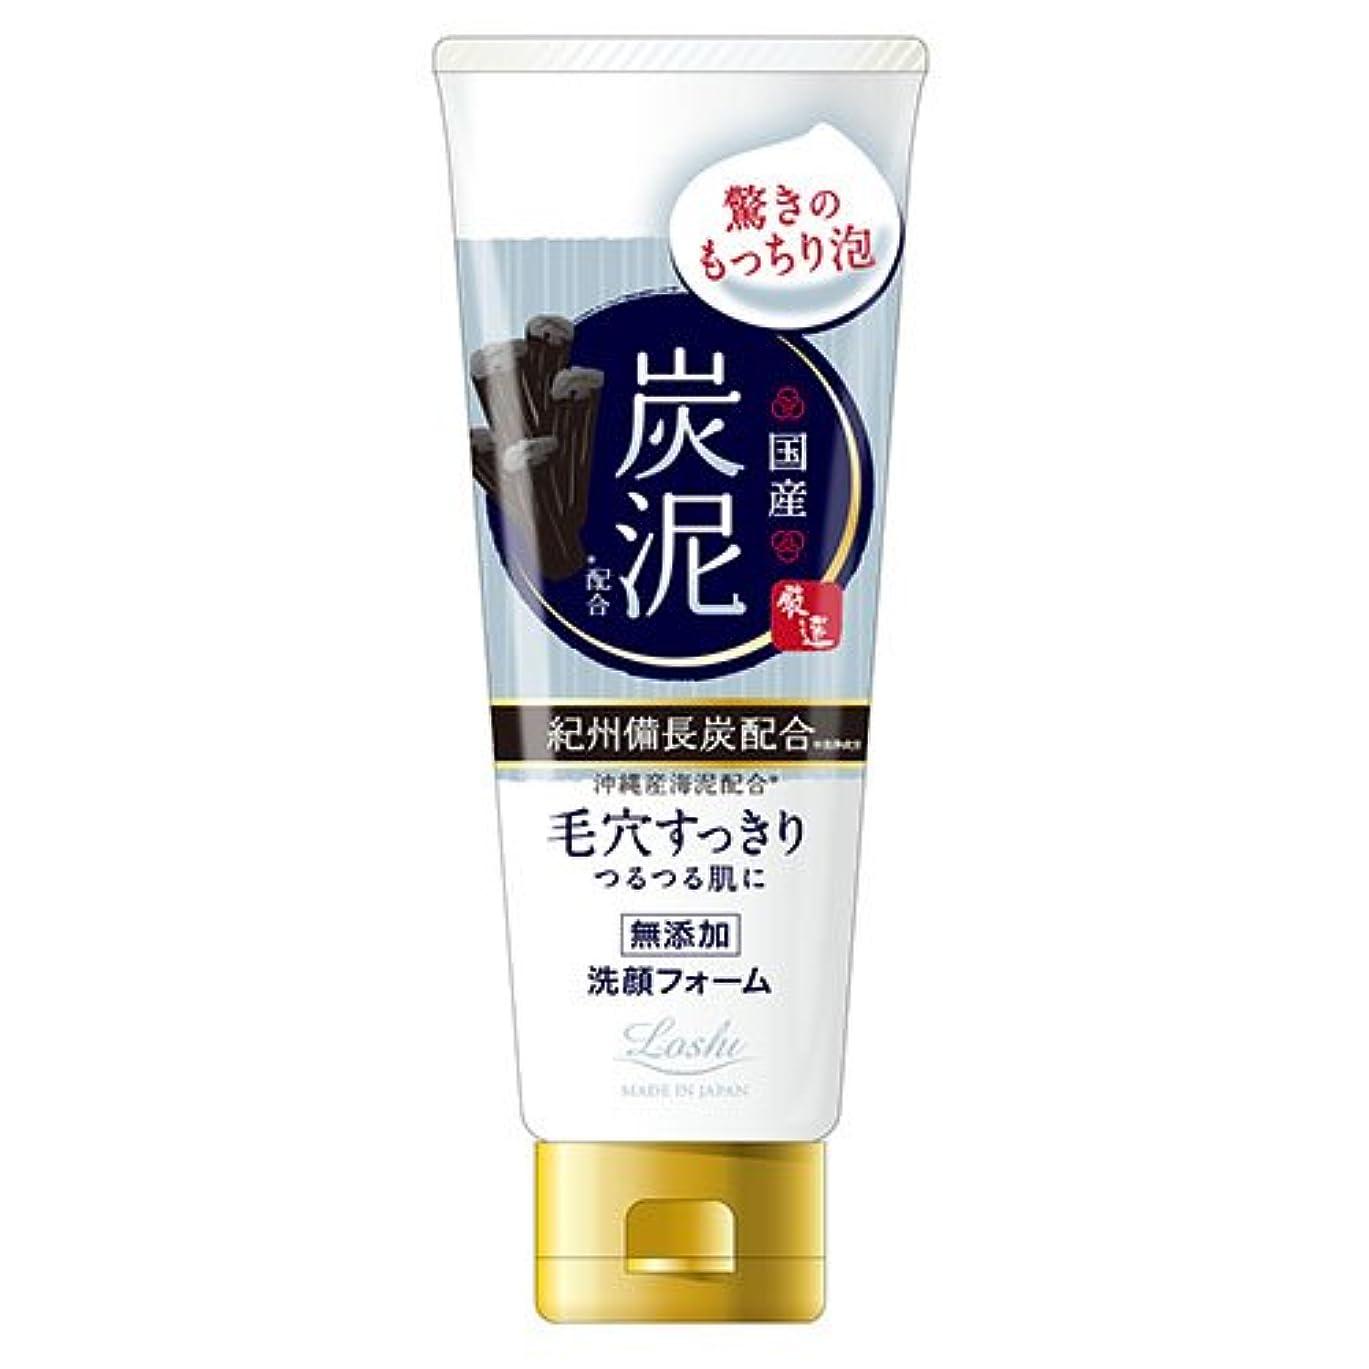 ブランク忠実な条件付きロッシモイストエイド 国産 ホイップ洗顔 炭泥 120g